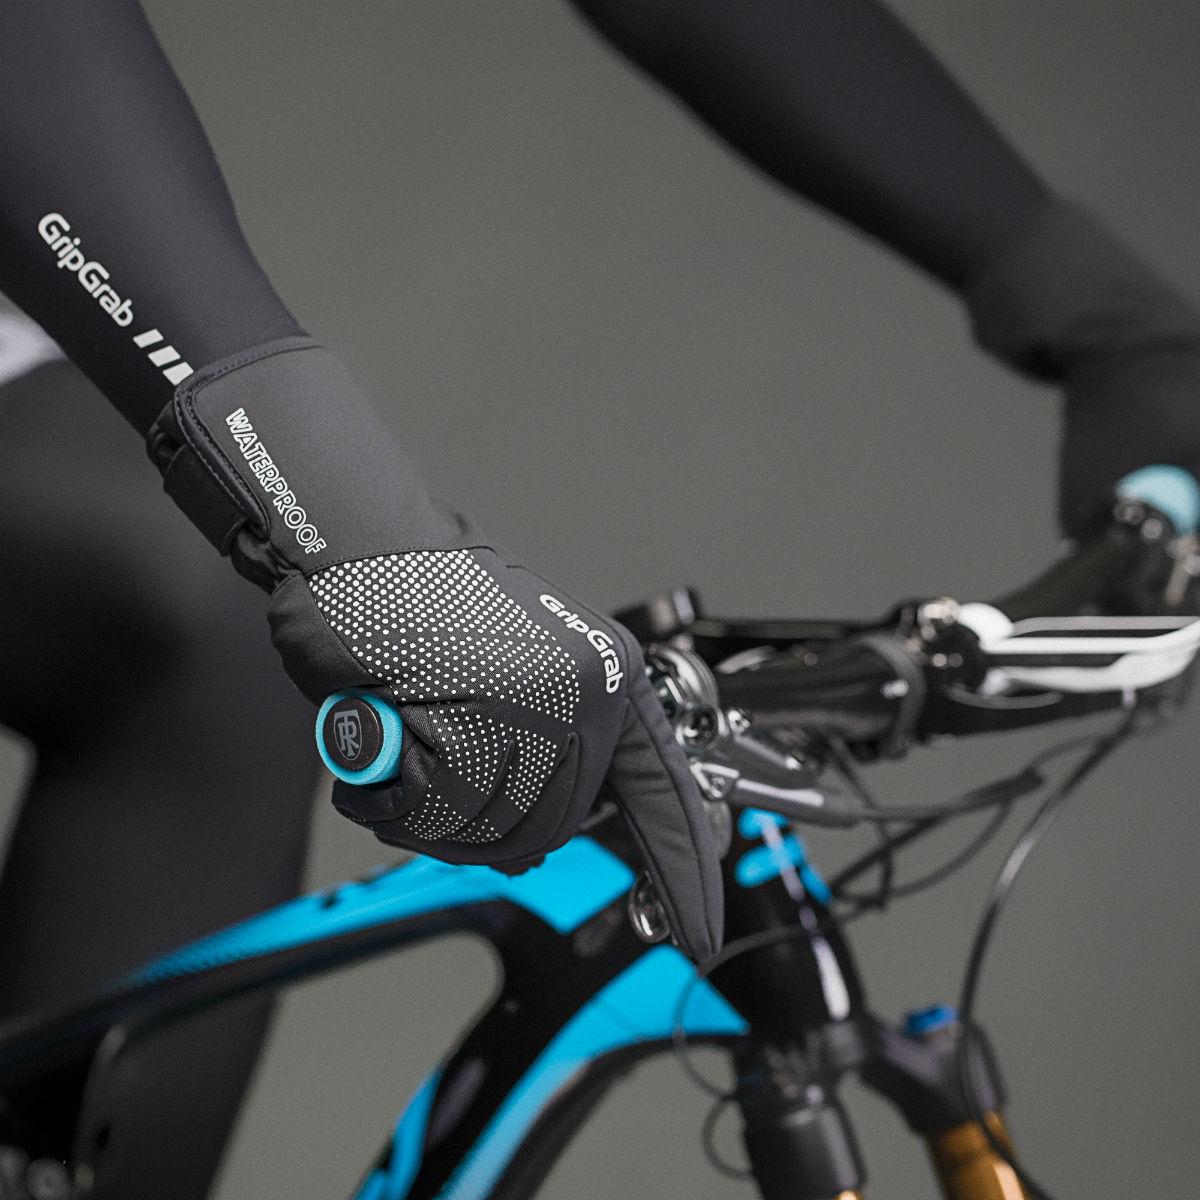 Goede fietshandschoenen houden niet alleen je handen warm en droog, maar geven je ook onder natte omstandigheden goede grip op je fietsstuur.